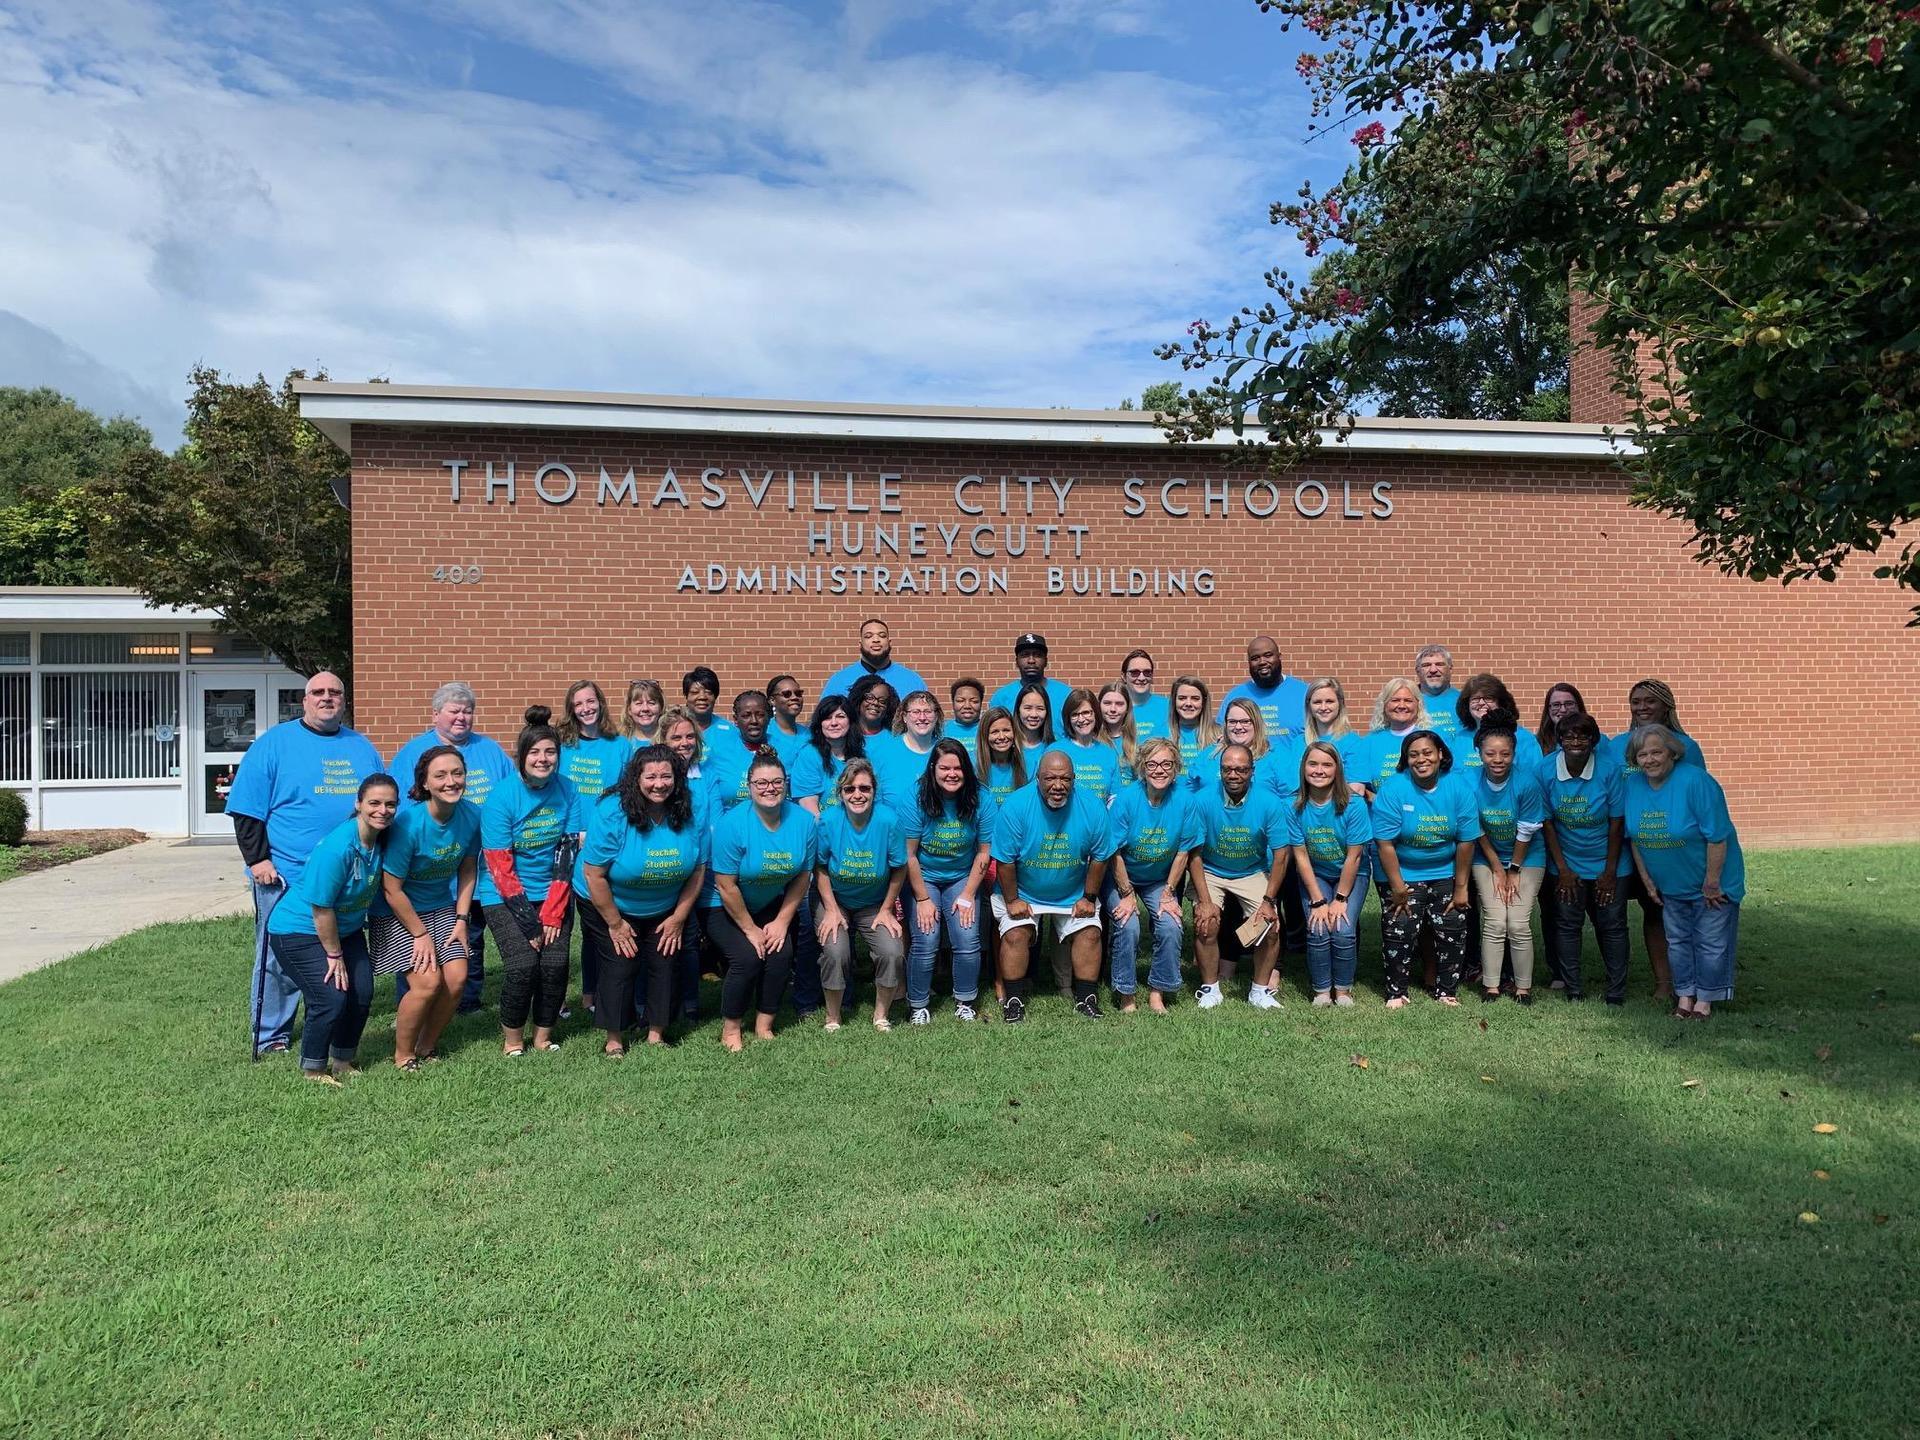 2019-2020 Thomasville City Schools Exceptional Children's Staff